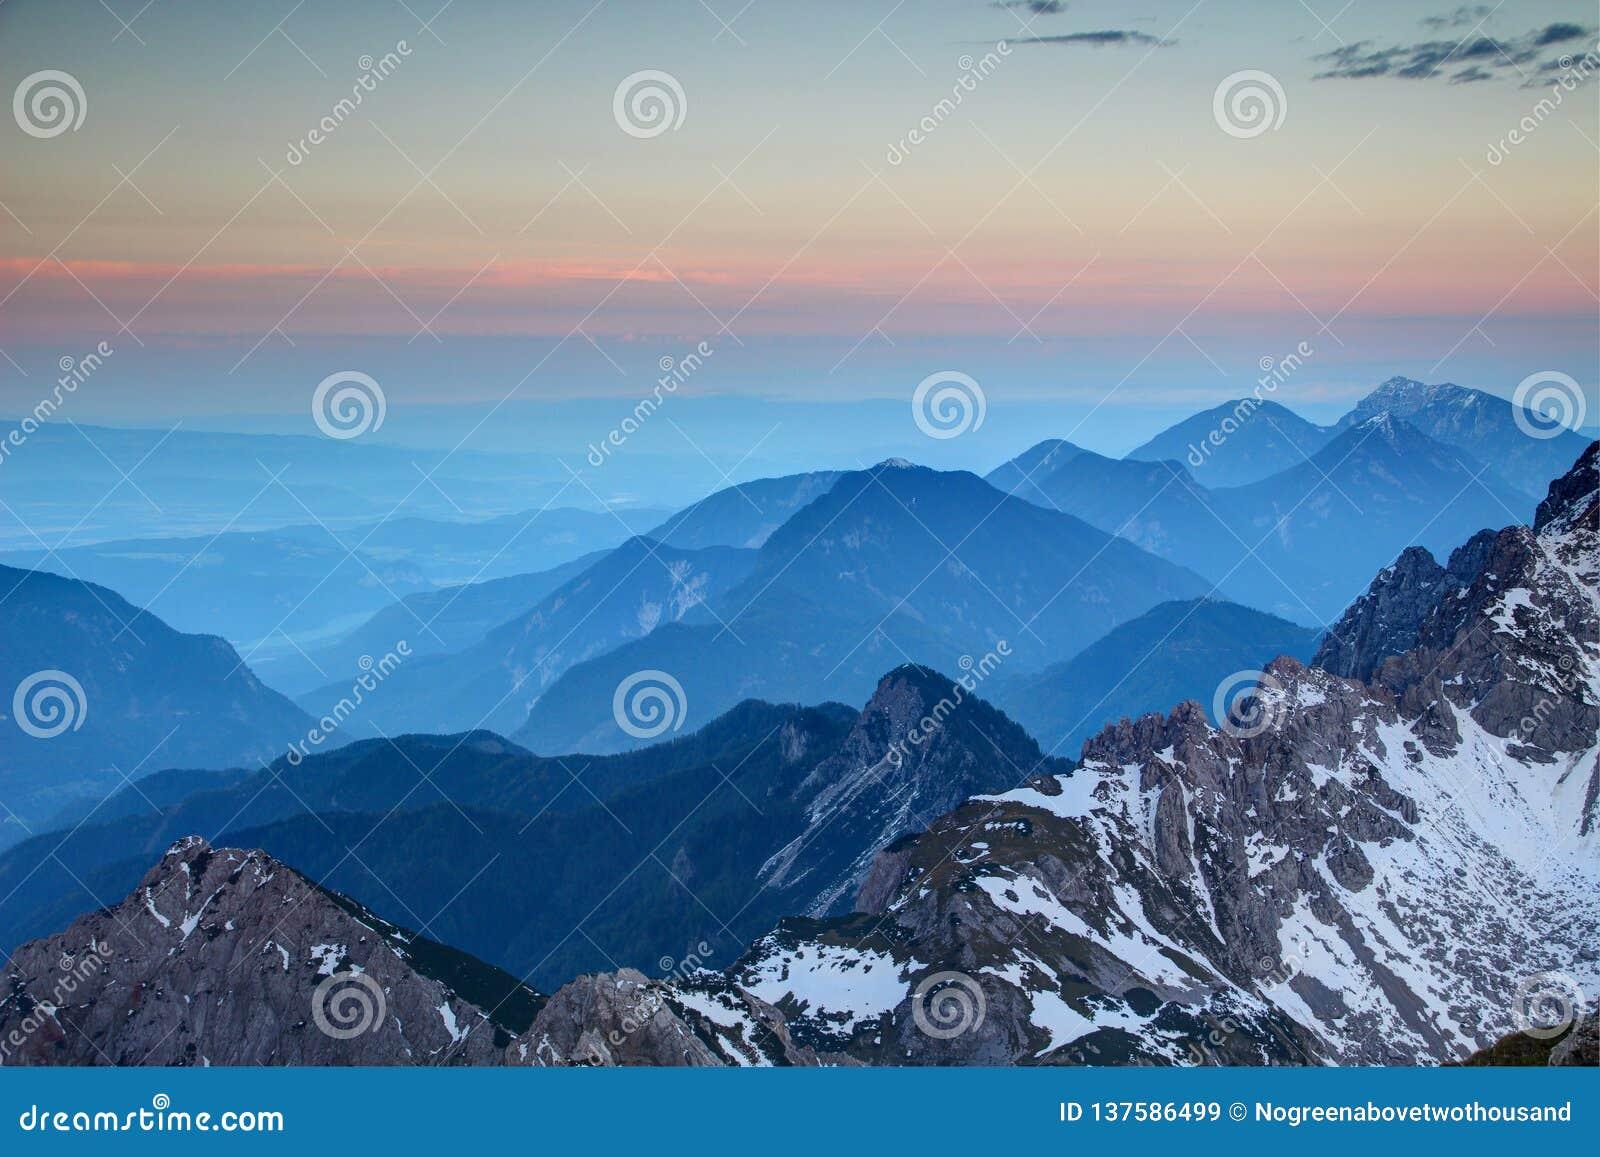 Καμμένος ρόδινος ορίζοντας και μπλε κορυφογραμμές, σειρά Αυστρία Karawanken